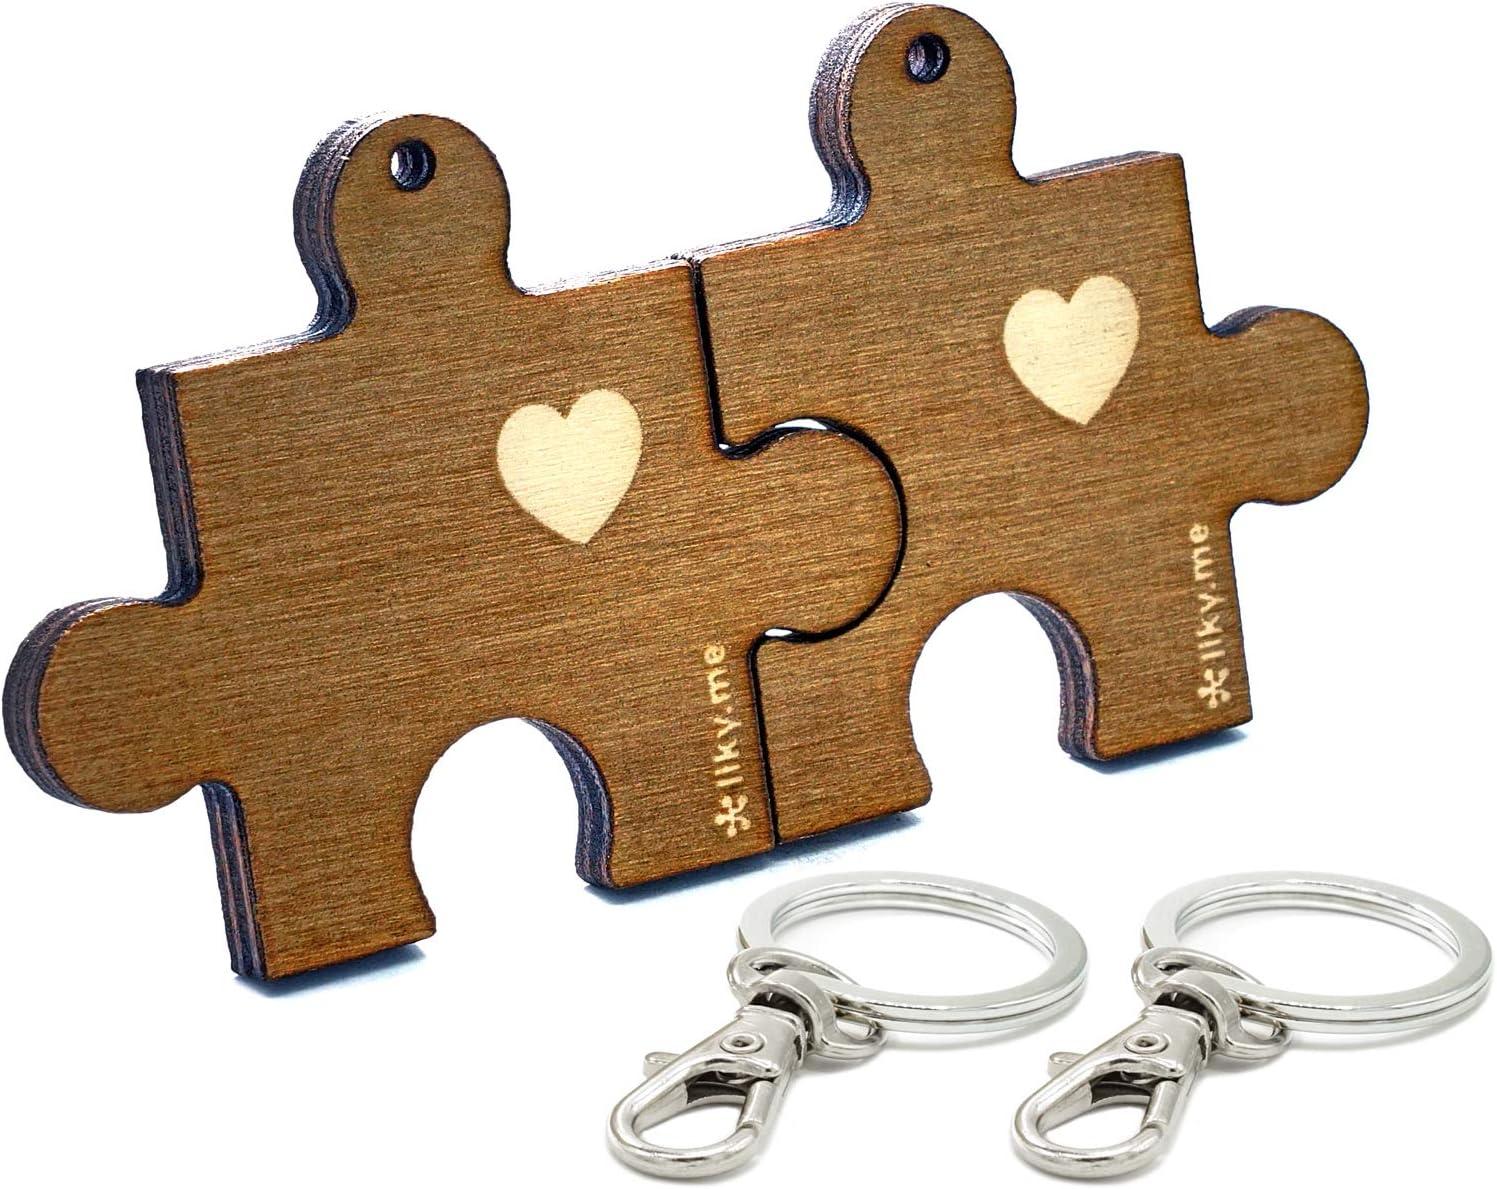 LIKY® Amor Puzzle - Llavero Partido corazón Parejas Novios Original de Madera Grabado Regalo para Aniversario San Valentín Mujer Hombre cumpleaños pasatiempo joyería Colgante Bolso Mochila